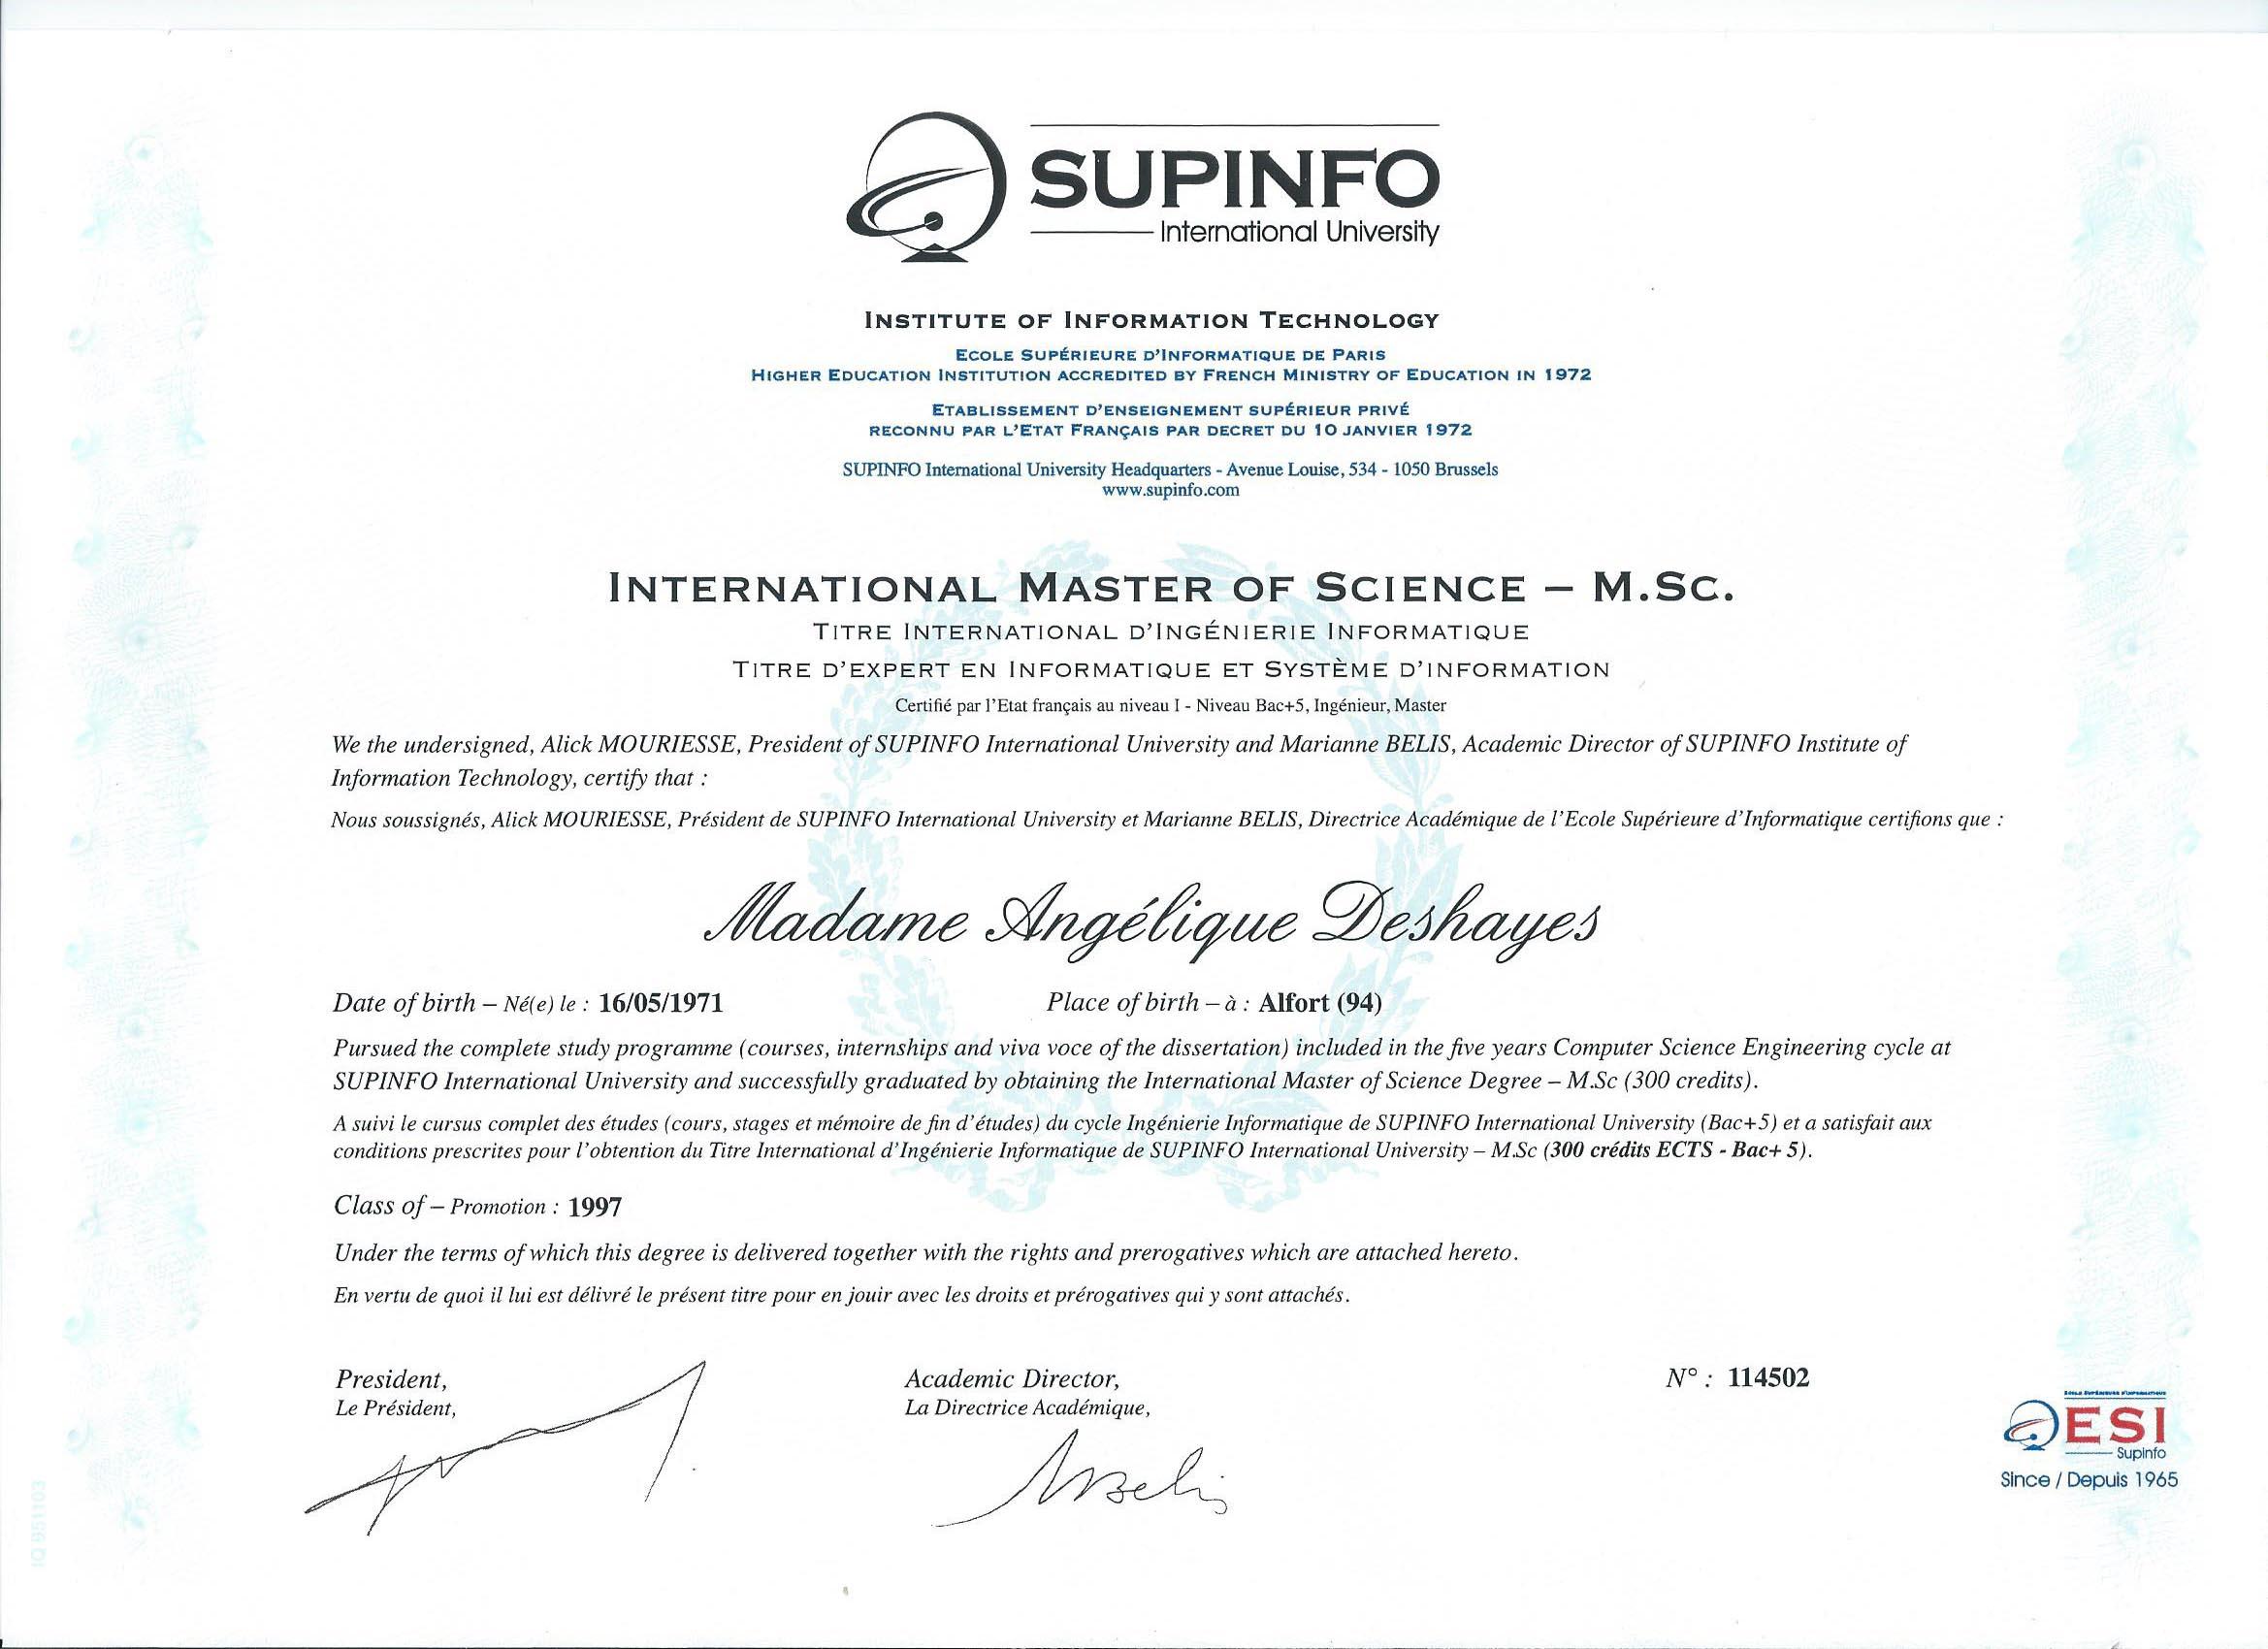 Diplôme d'ingénieur - Titre d'expert en informatique et système d'information (Master of Science)